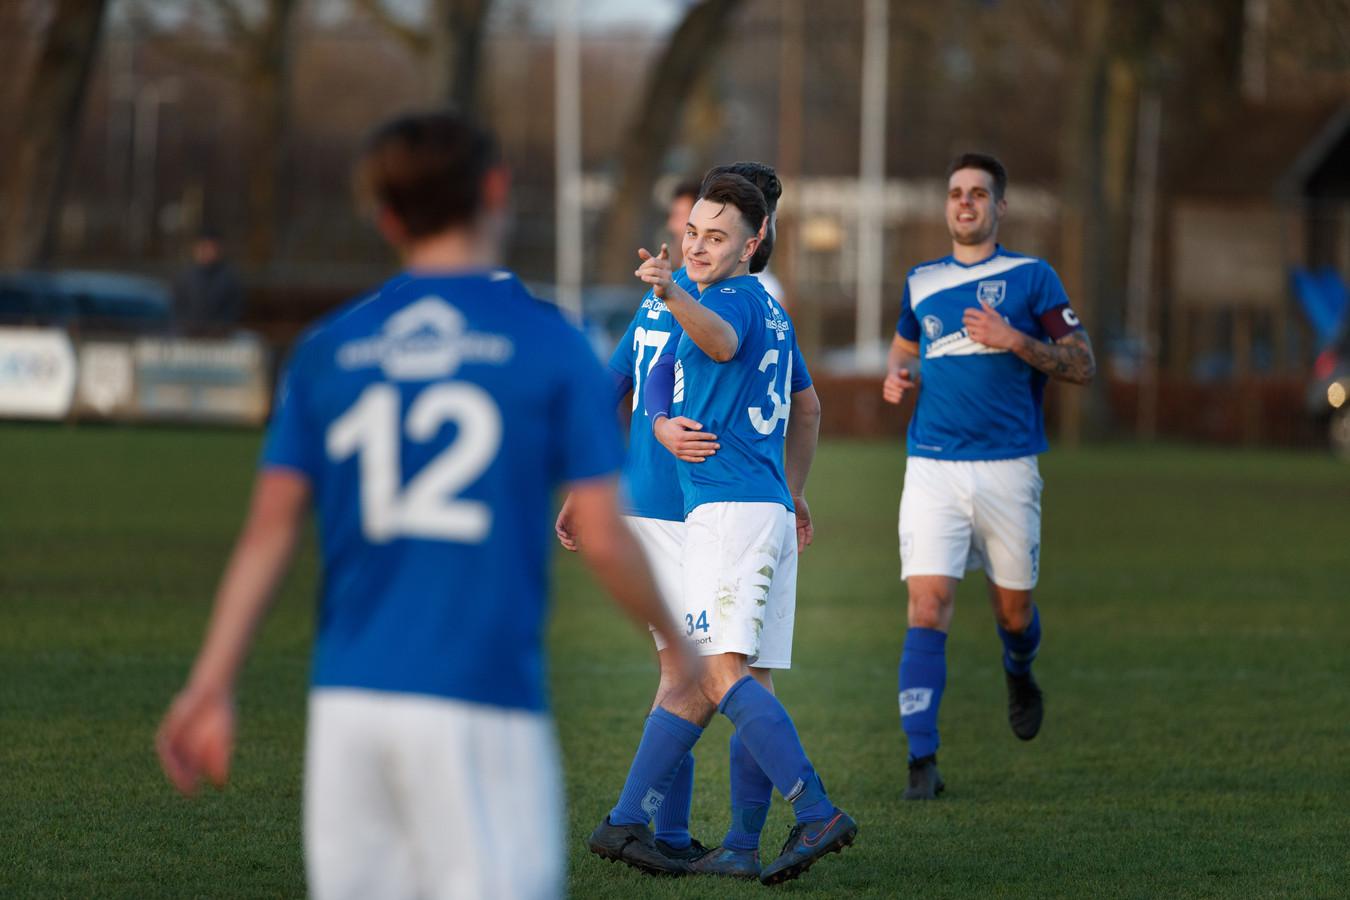 DSE-speler Pieter Foesenek viert de 4-1 met zijn ploeggenoten.